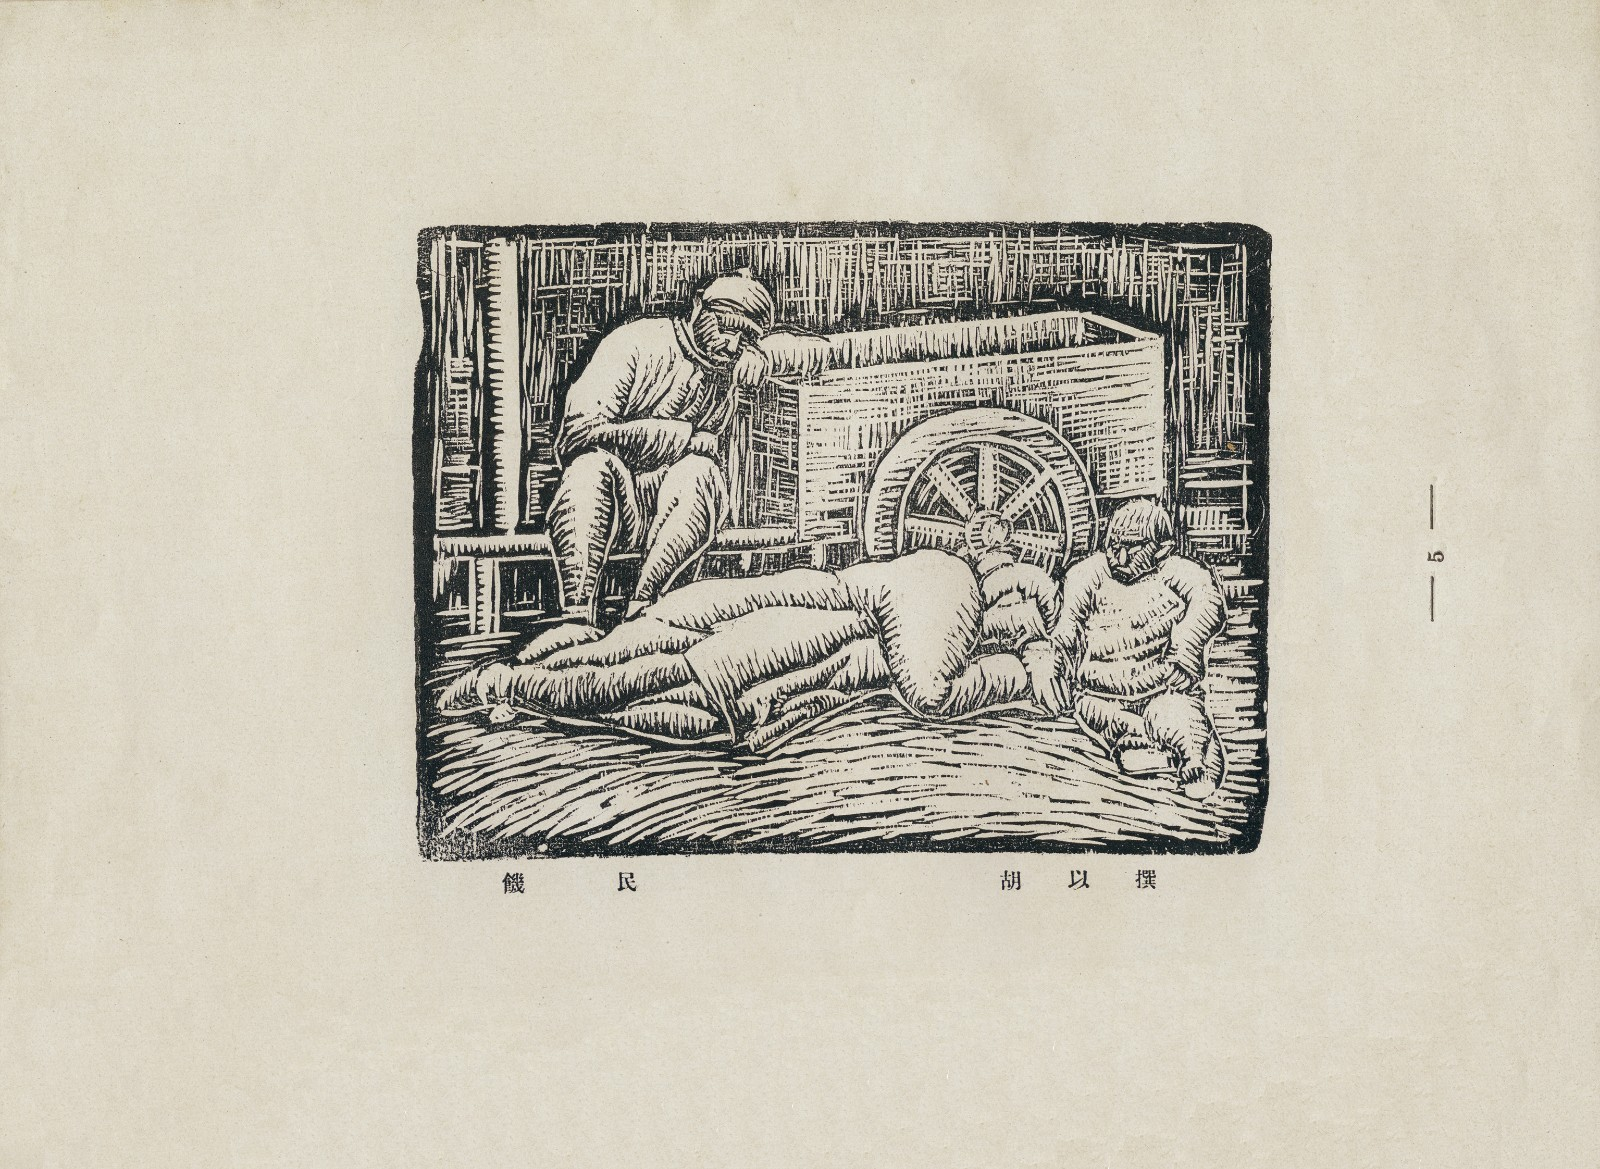 24 《饥民》,胡一川,1930年,杭州,黑白木刻,尺寸不详,刊于《一八艺社1931年习作展览画会画册》.jpg